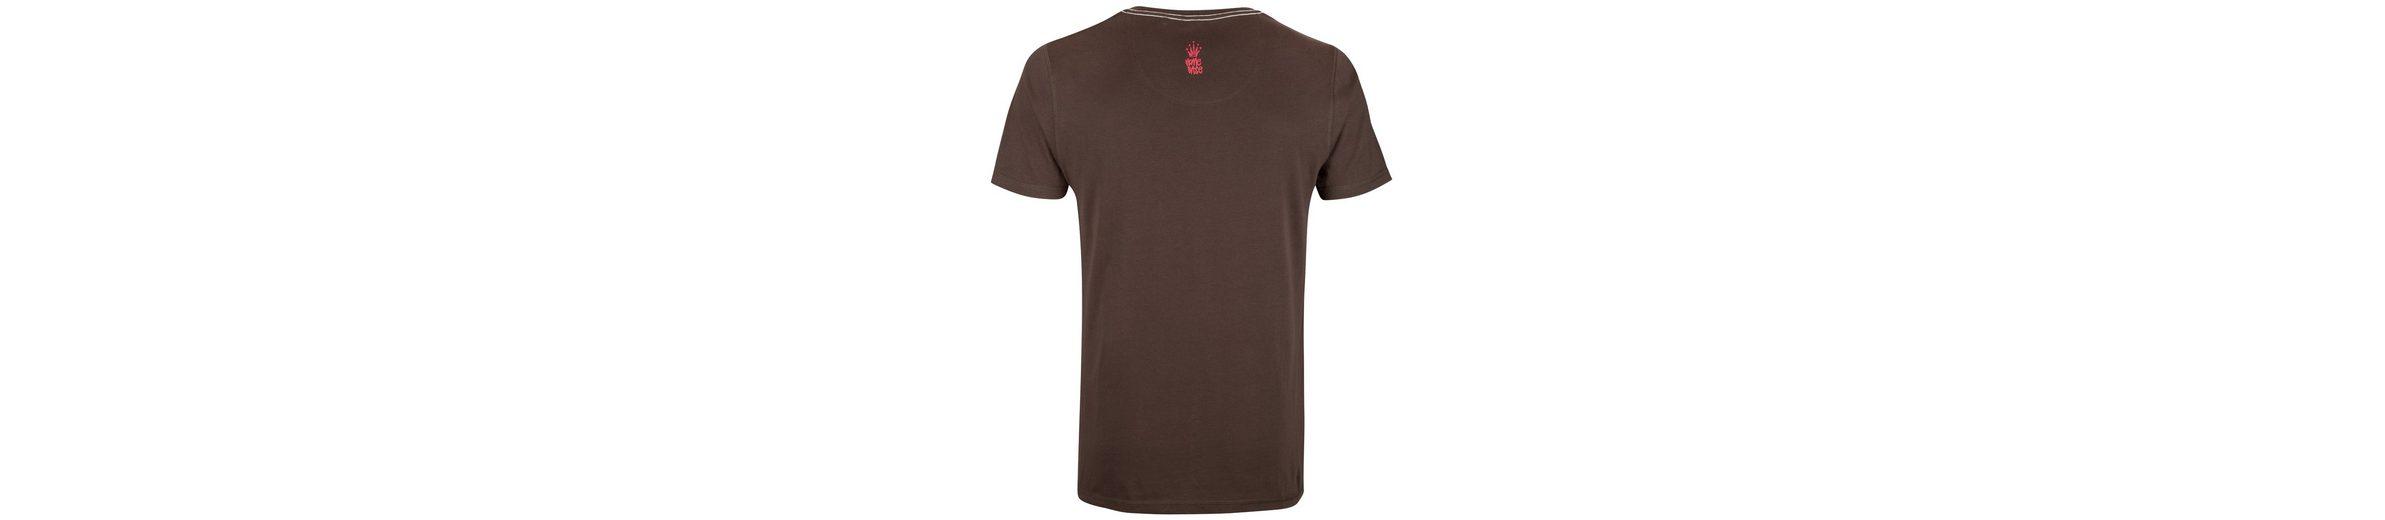 Spielraum Niedrigen Preis Versandgebühr Homebase Brandalised T-Shirt Footlocker Zum Verkauf Freies Verschiffen Auslass Freies Verschiffen Neuestes iCnSKWZ1